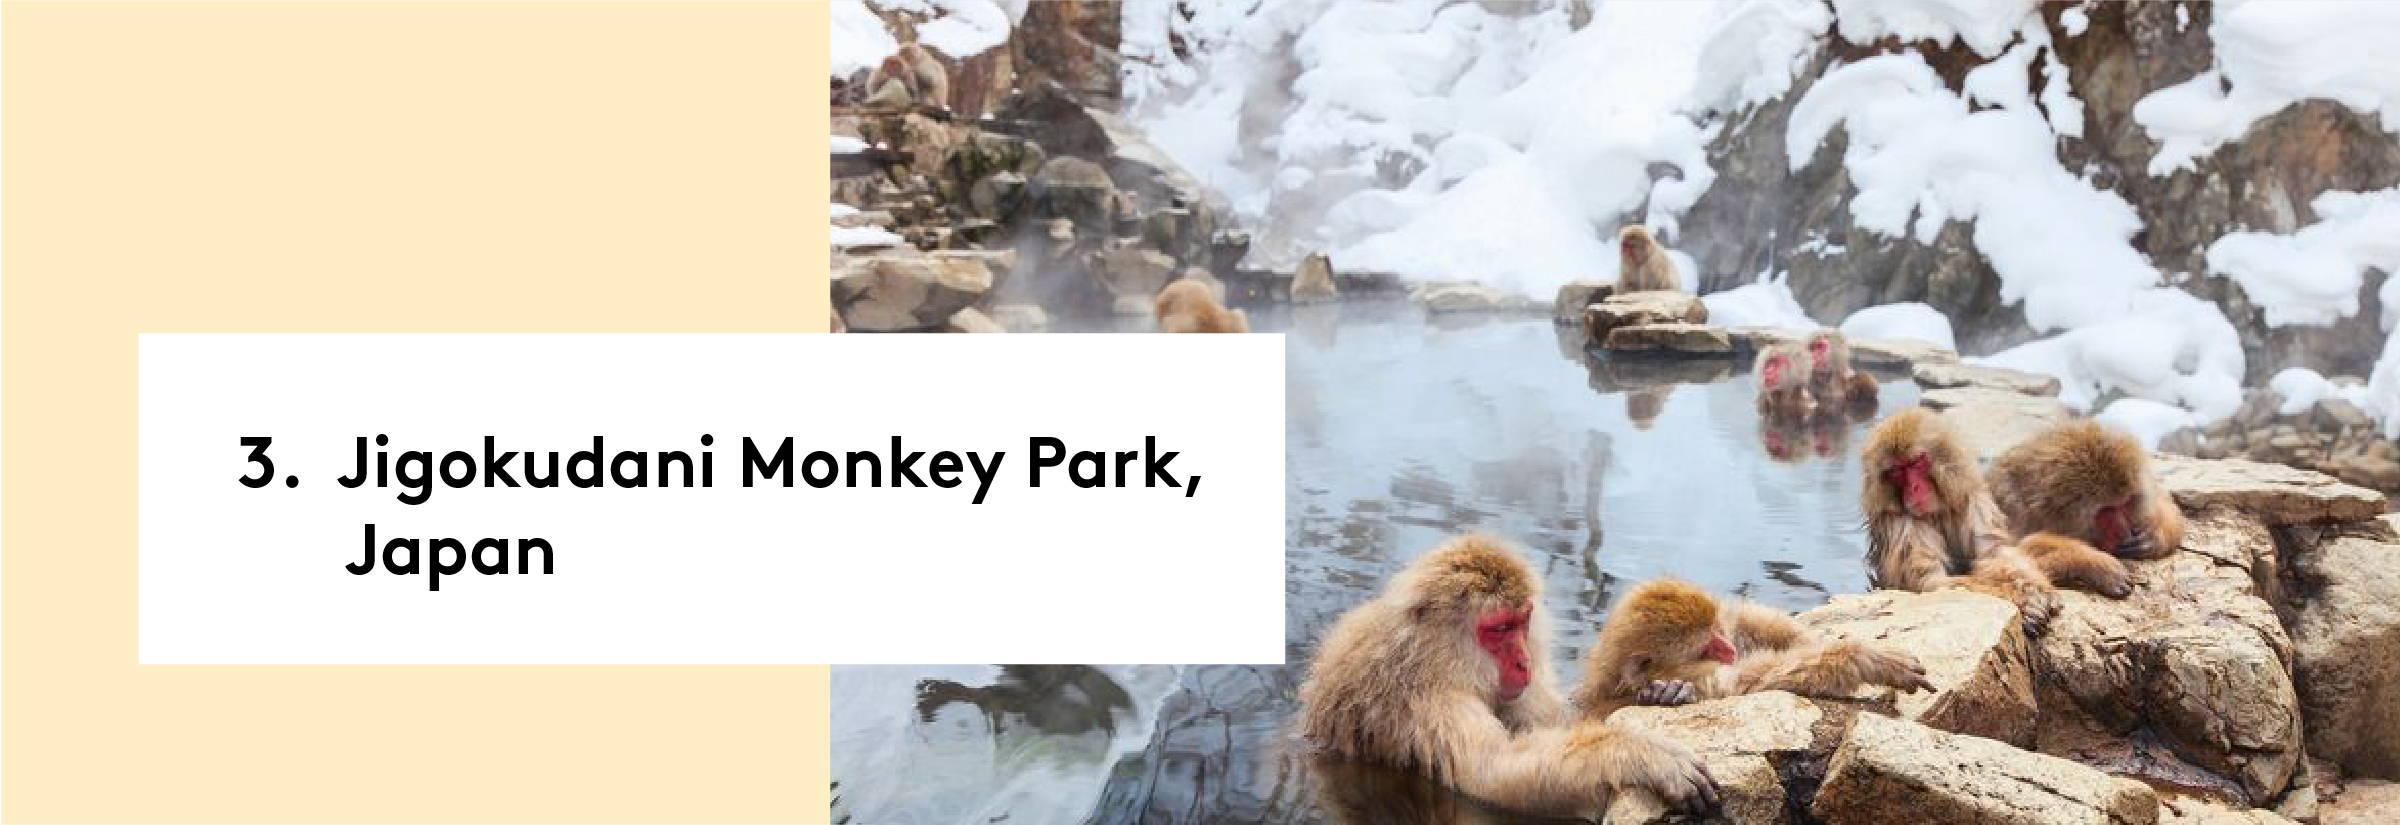 3. Jigokudani Monkey Park, Japan